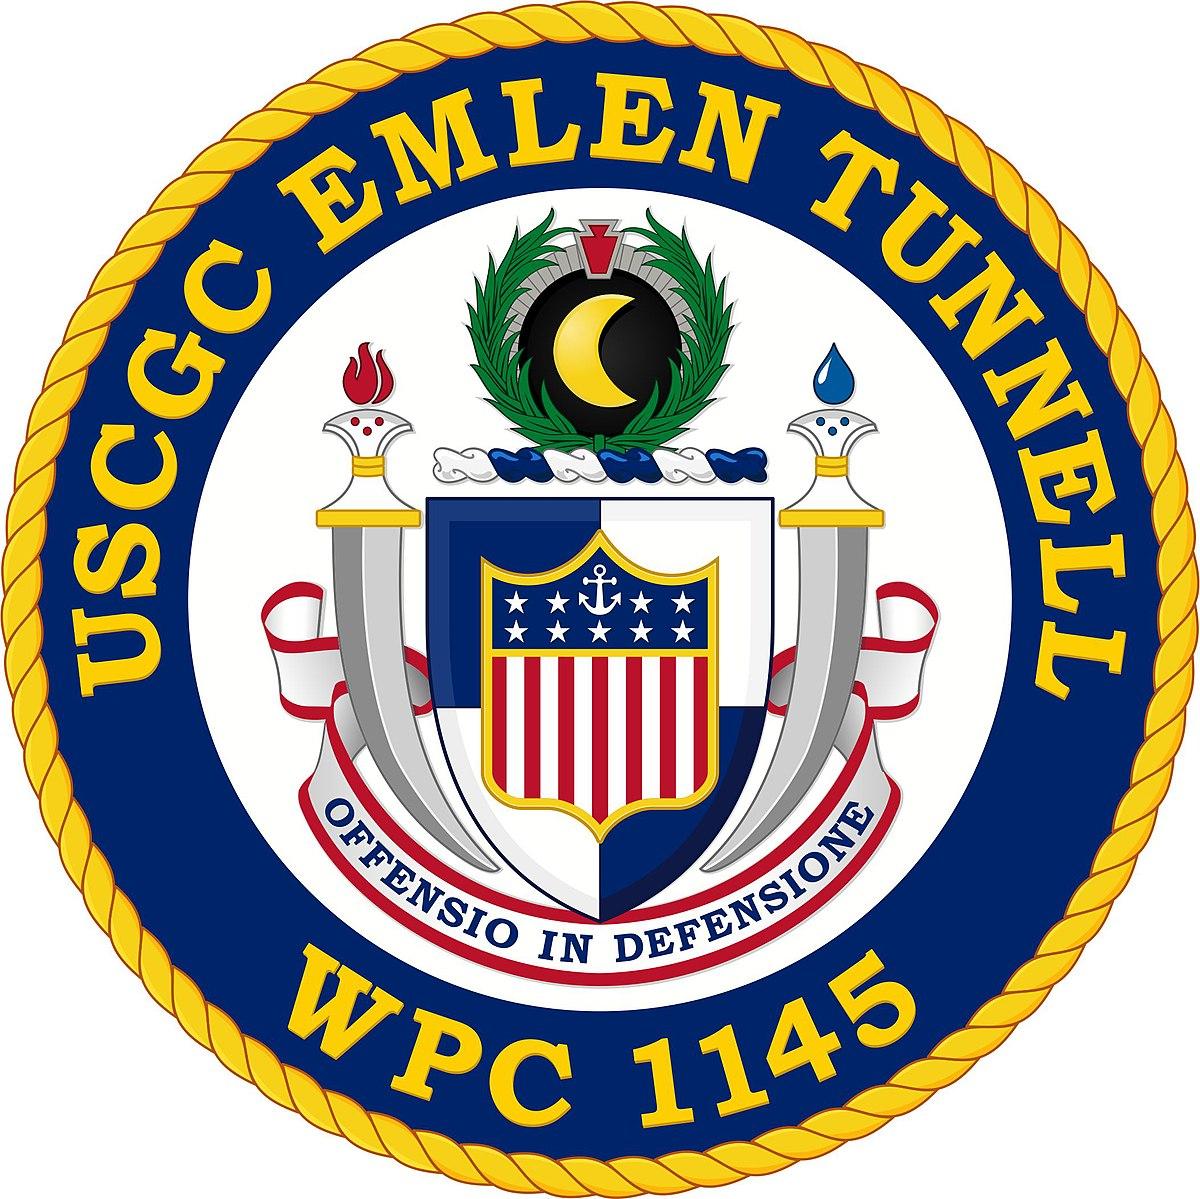 USCGC Emlen Tunnell Unit Logo